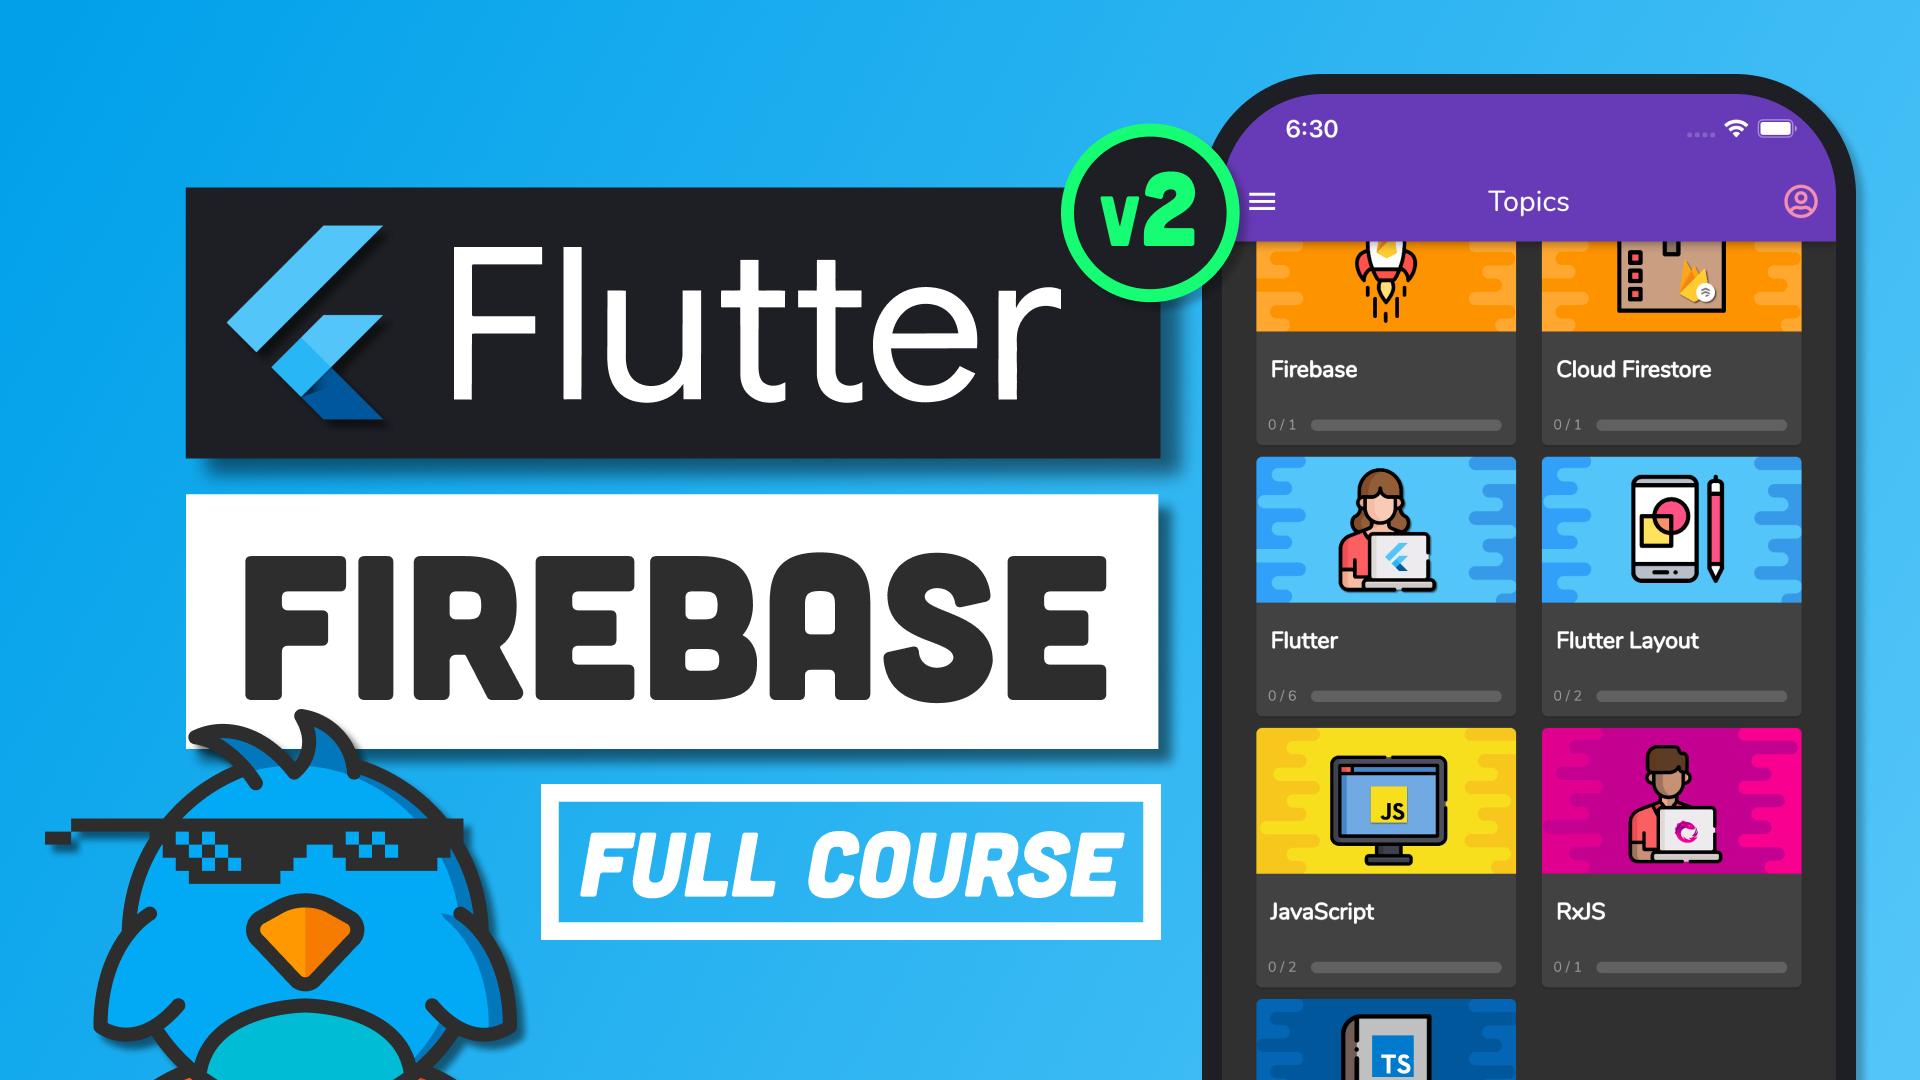 Flutter Firebase - The Full Course